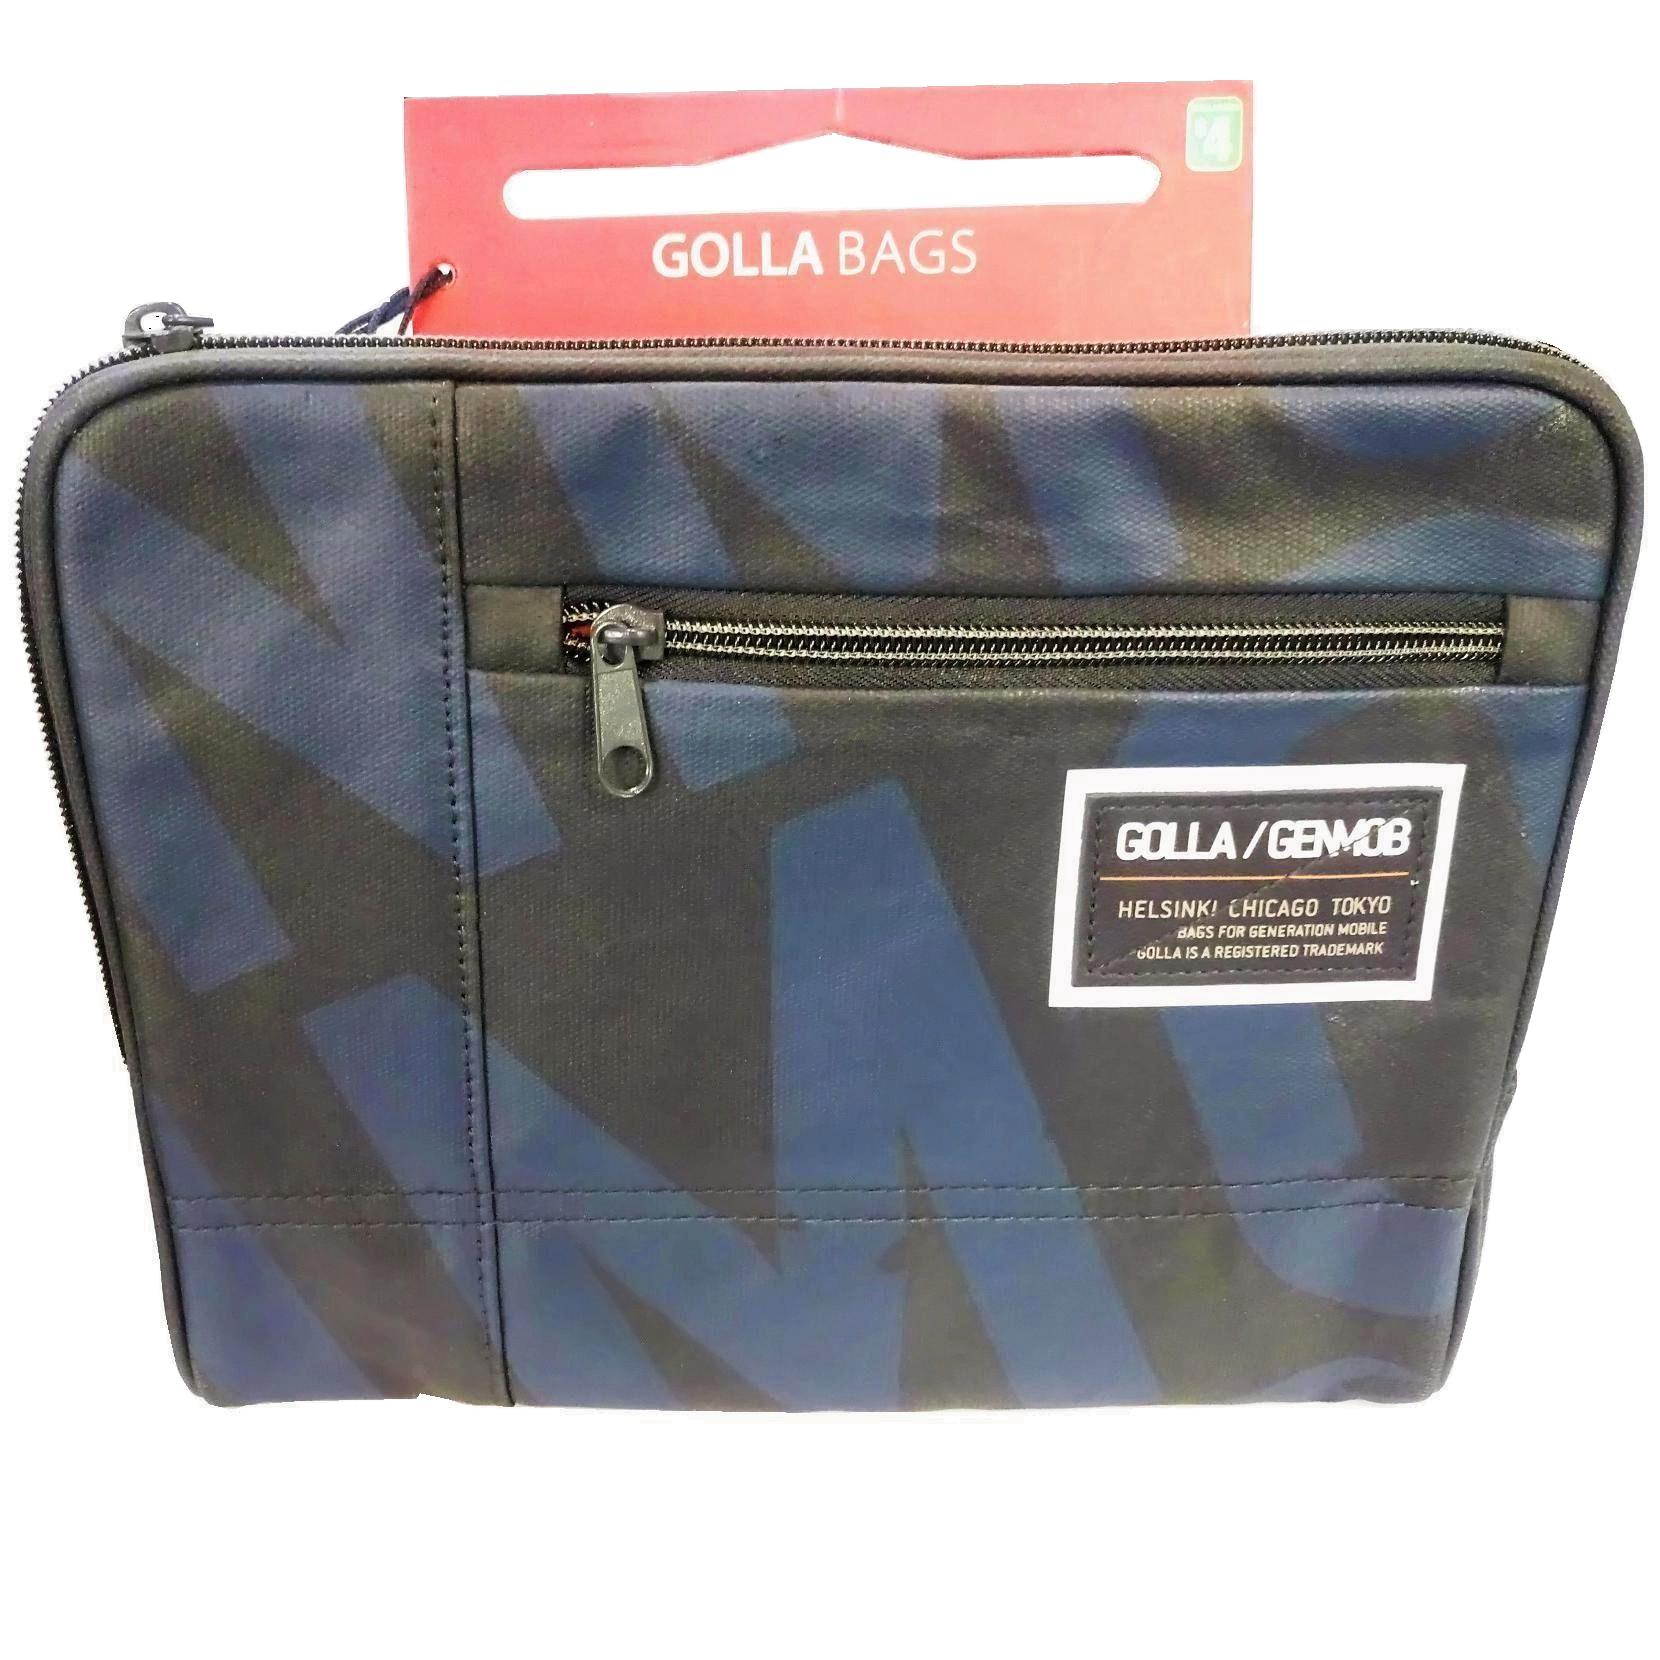 کیف تبلت گولا مدل G1309 مناسب برای تبلت اپل iPad 2